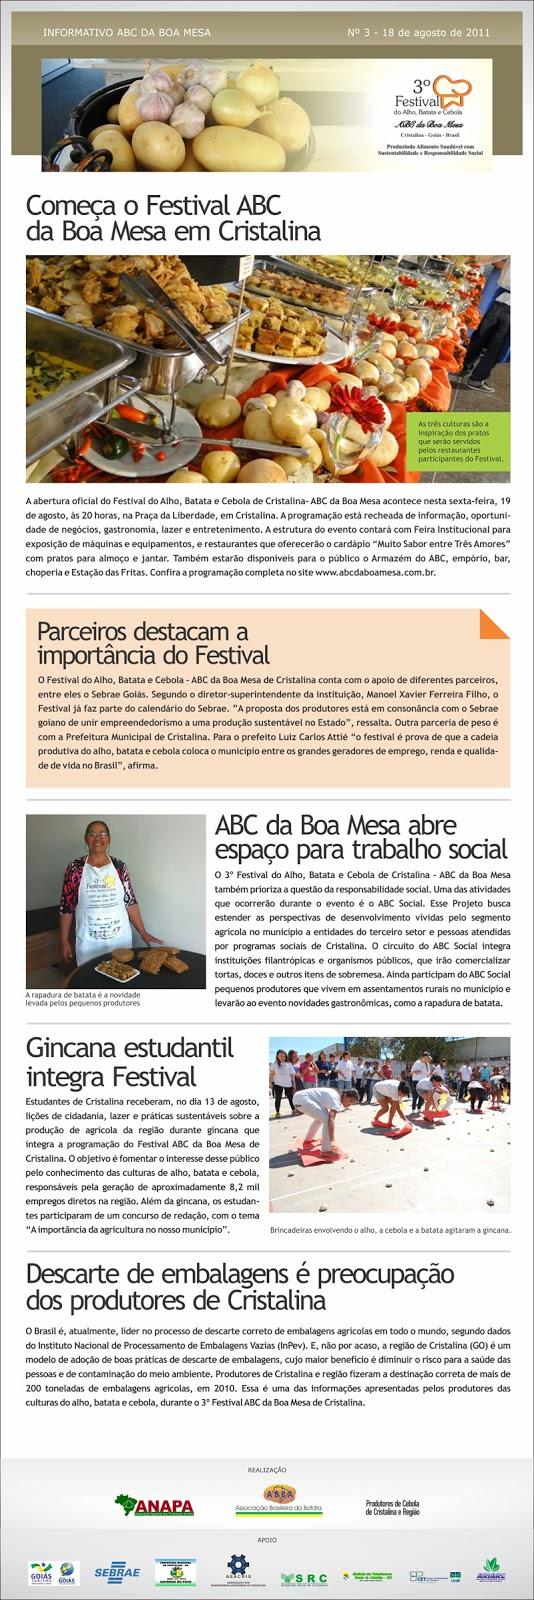 Informações do Festival ABC da Boa Mesa